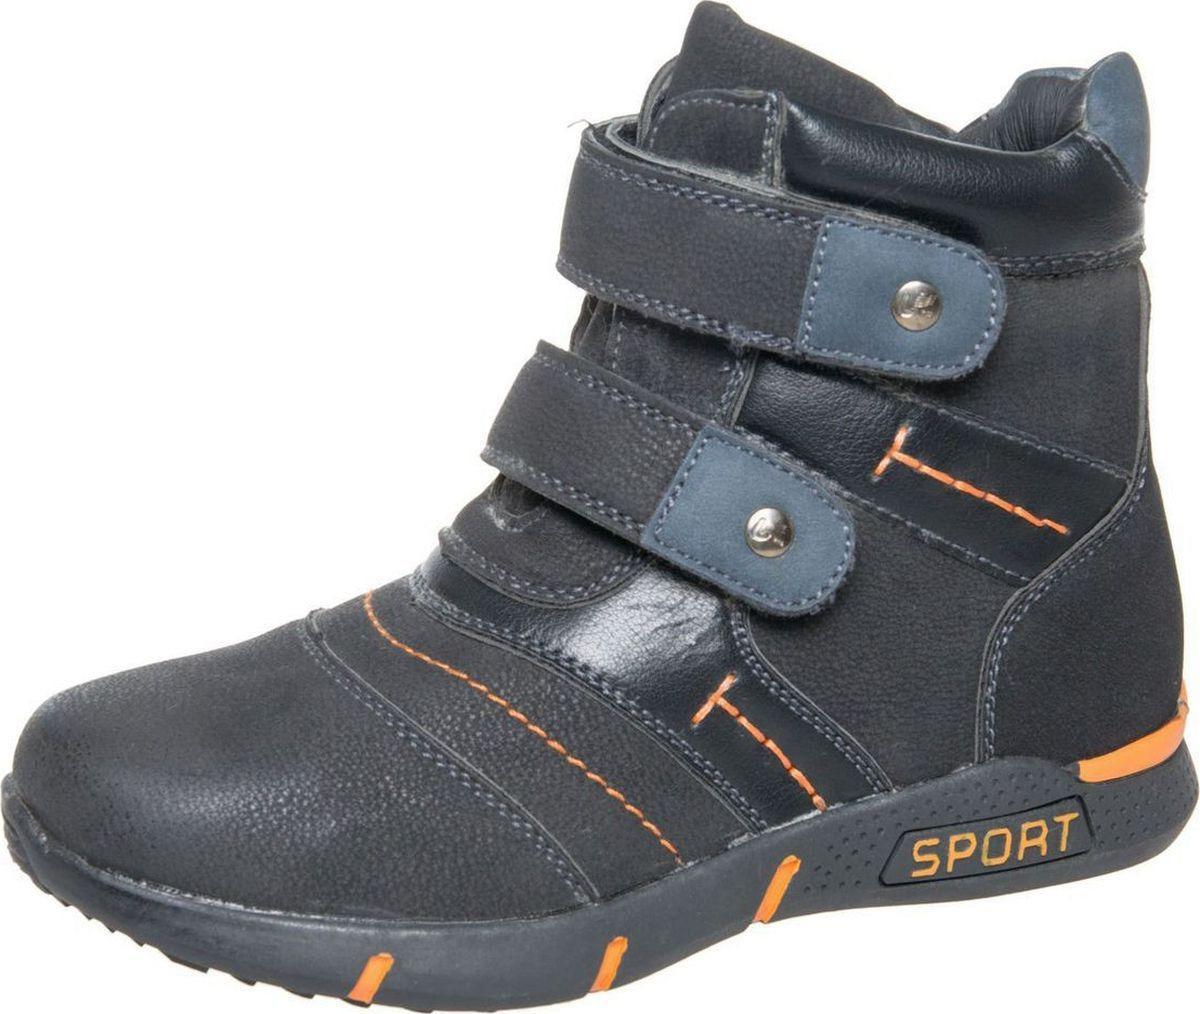 Ботинки Канарейка ботинки для мальчика канарейка цвет черный e3459 1 размер 37